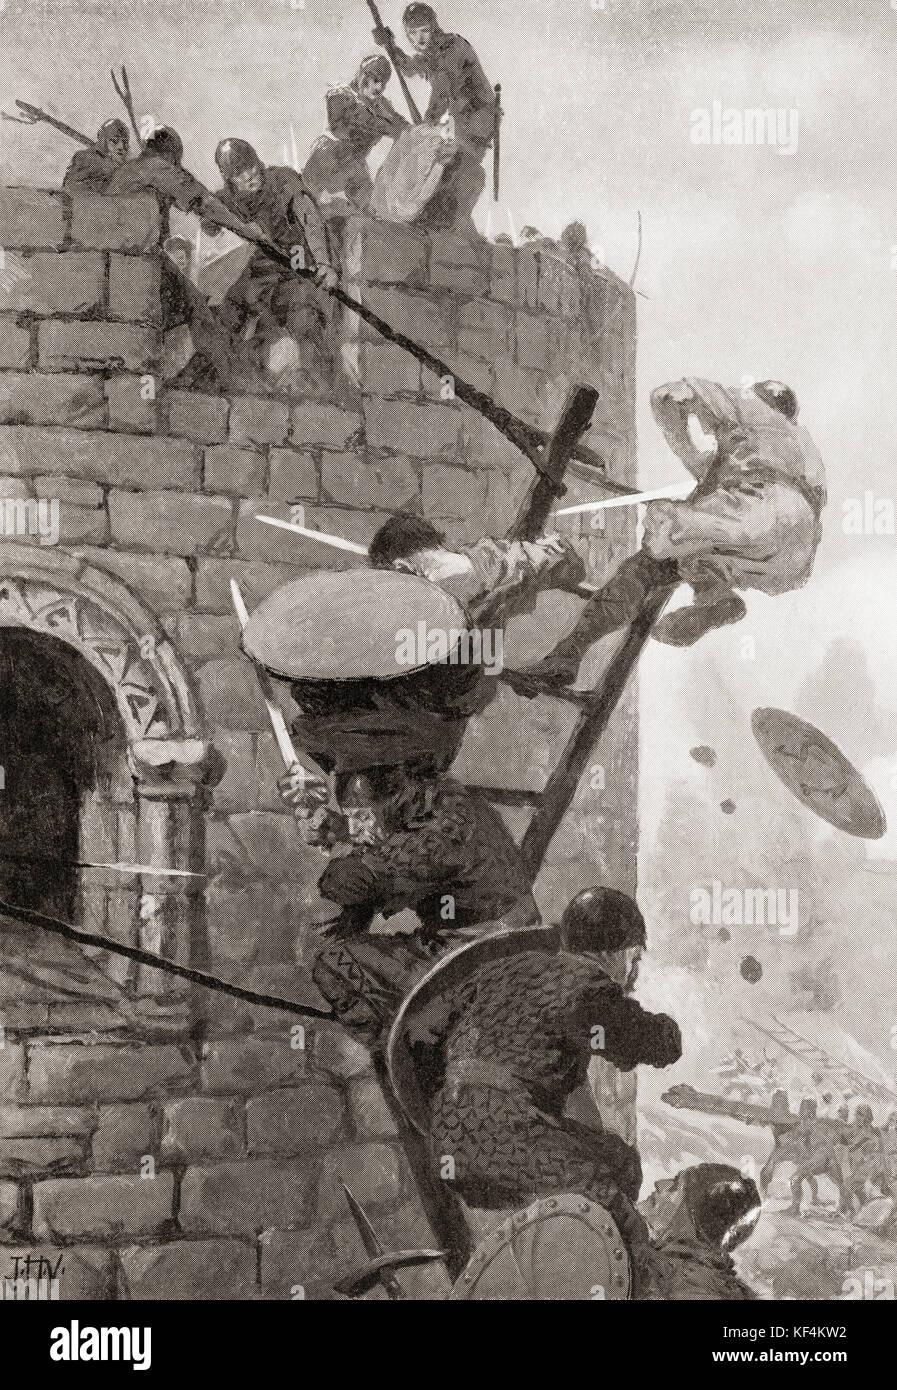 El asedio del castillo en Carmarthen, Wales por cadell ap gruffydd en 1146. La historia de Hutchinson de las naciones, Imagen De Stock